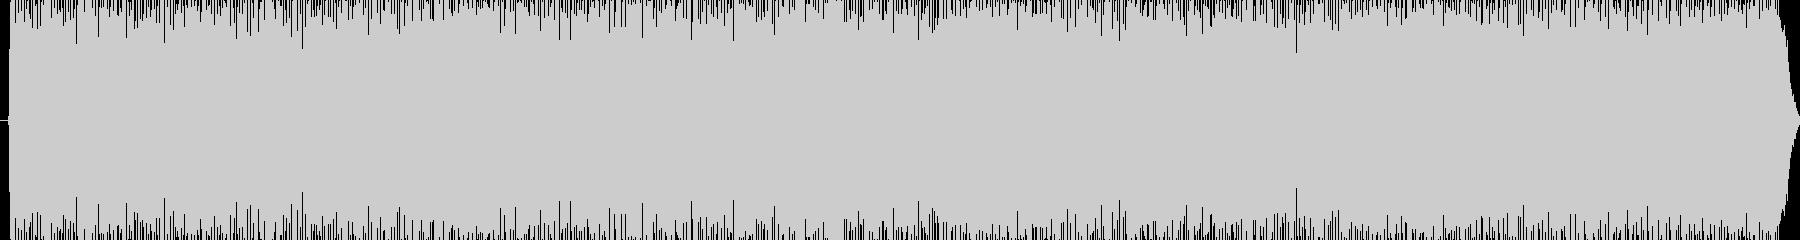 ホラー系に最適なグラインドコアその2の未再生の波形